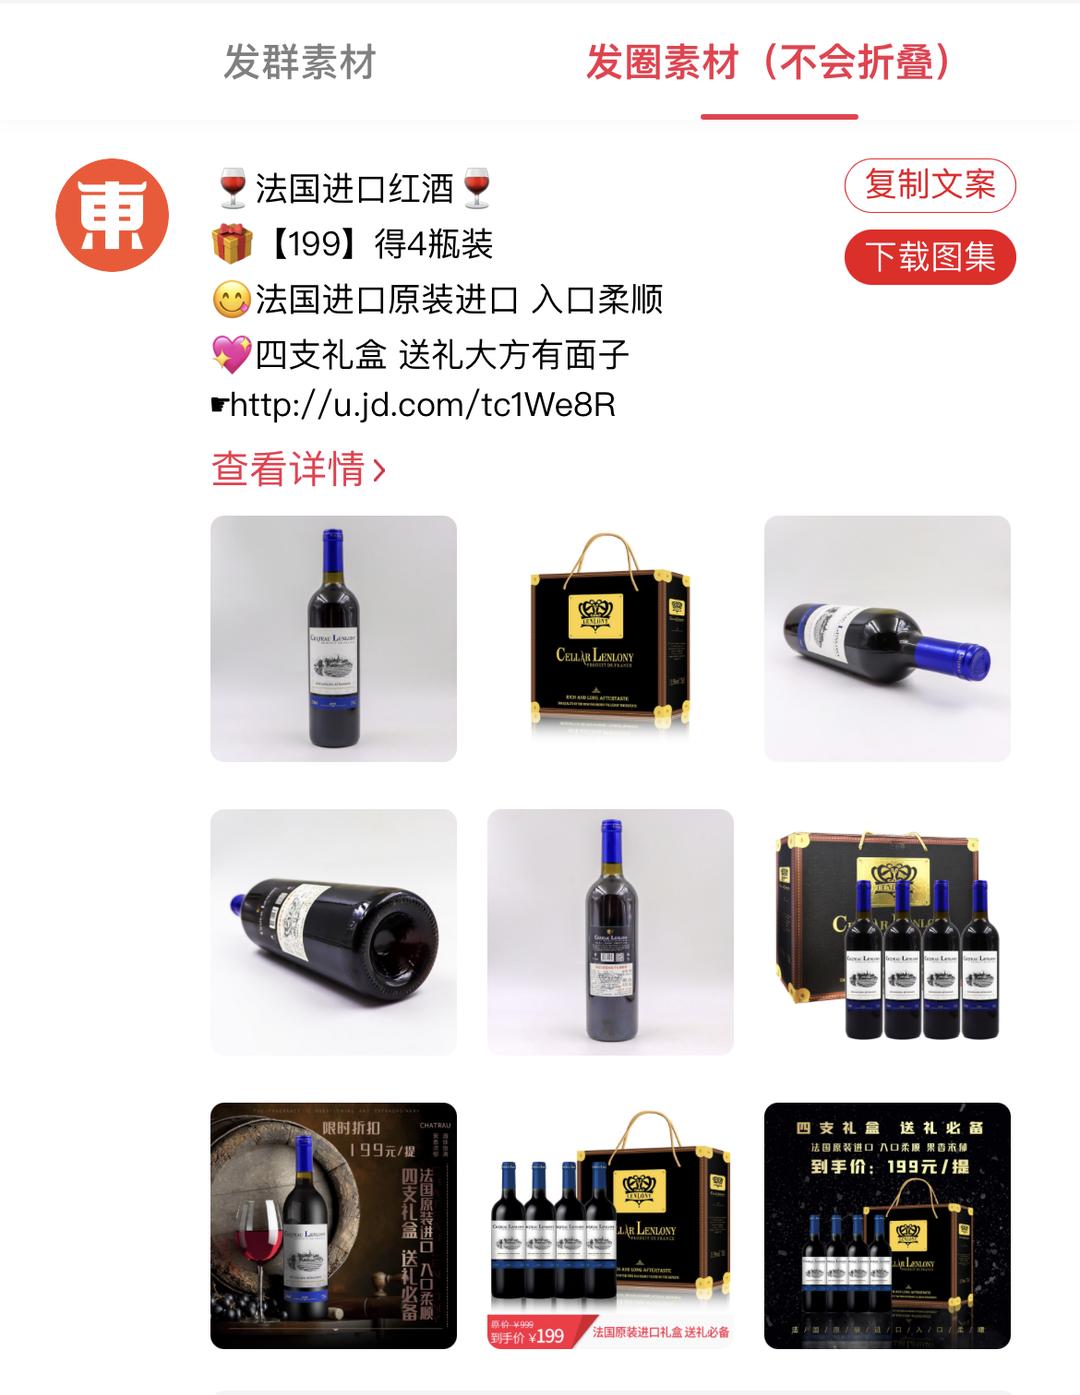 东小店南少:2021东小店有什么变化,原来官方偷偷更新了这5大功能!插图3